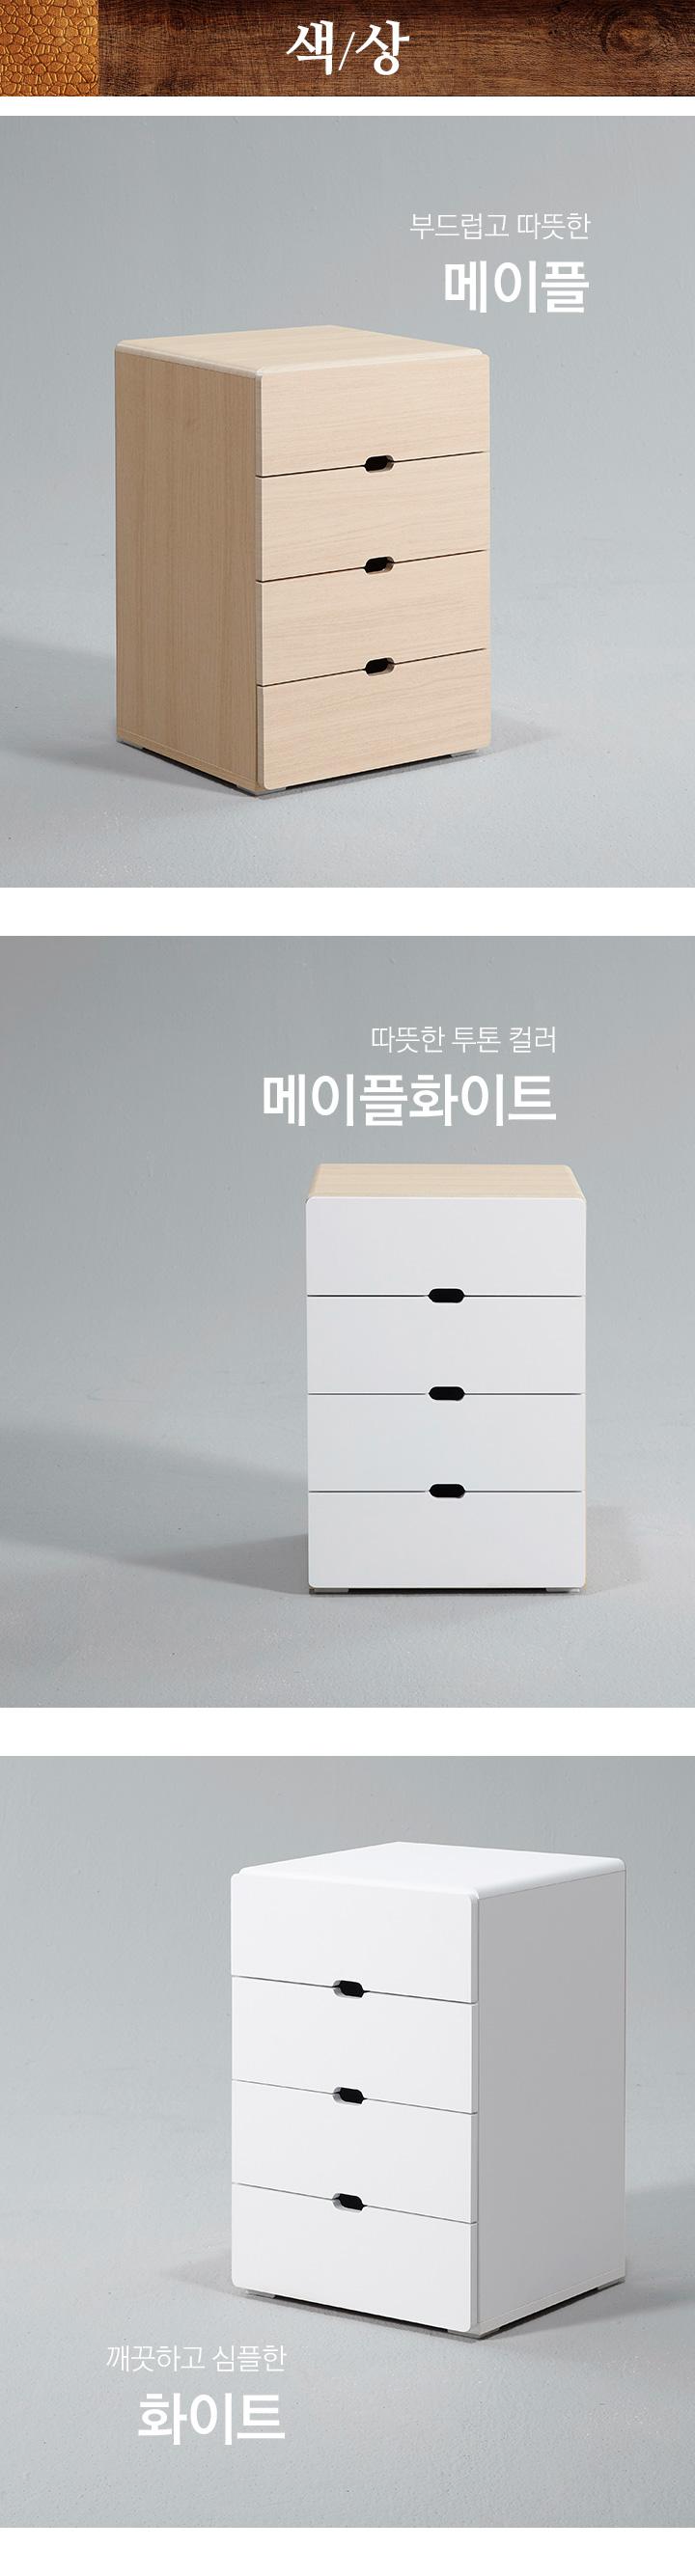 로쏘 미니서랍장 4단 - 로쏘, 48,930원, 서랍장, 다용도 서랍장